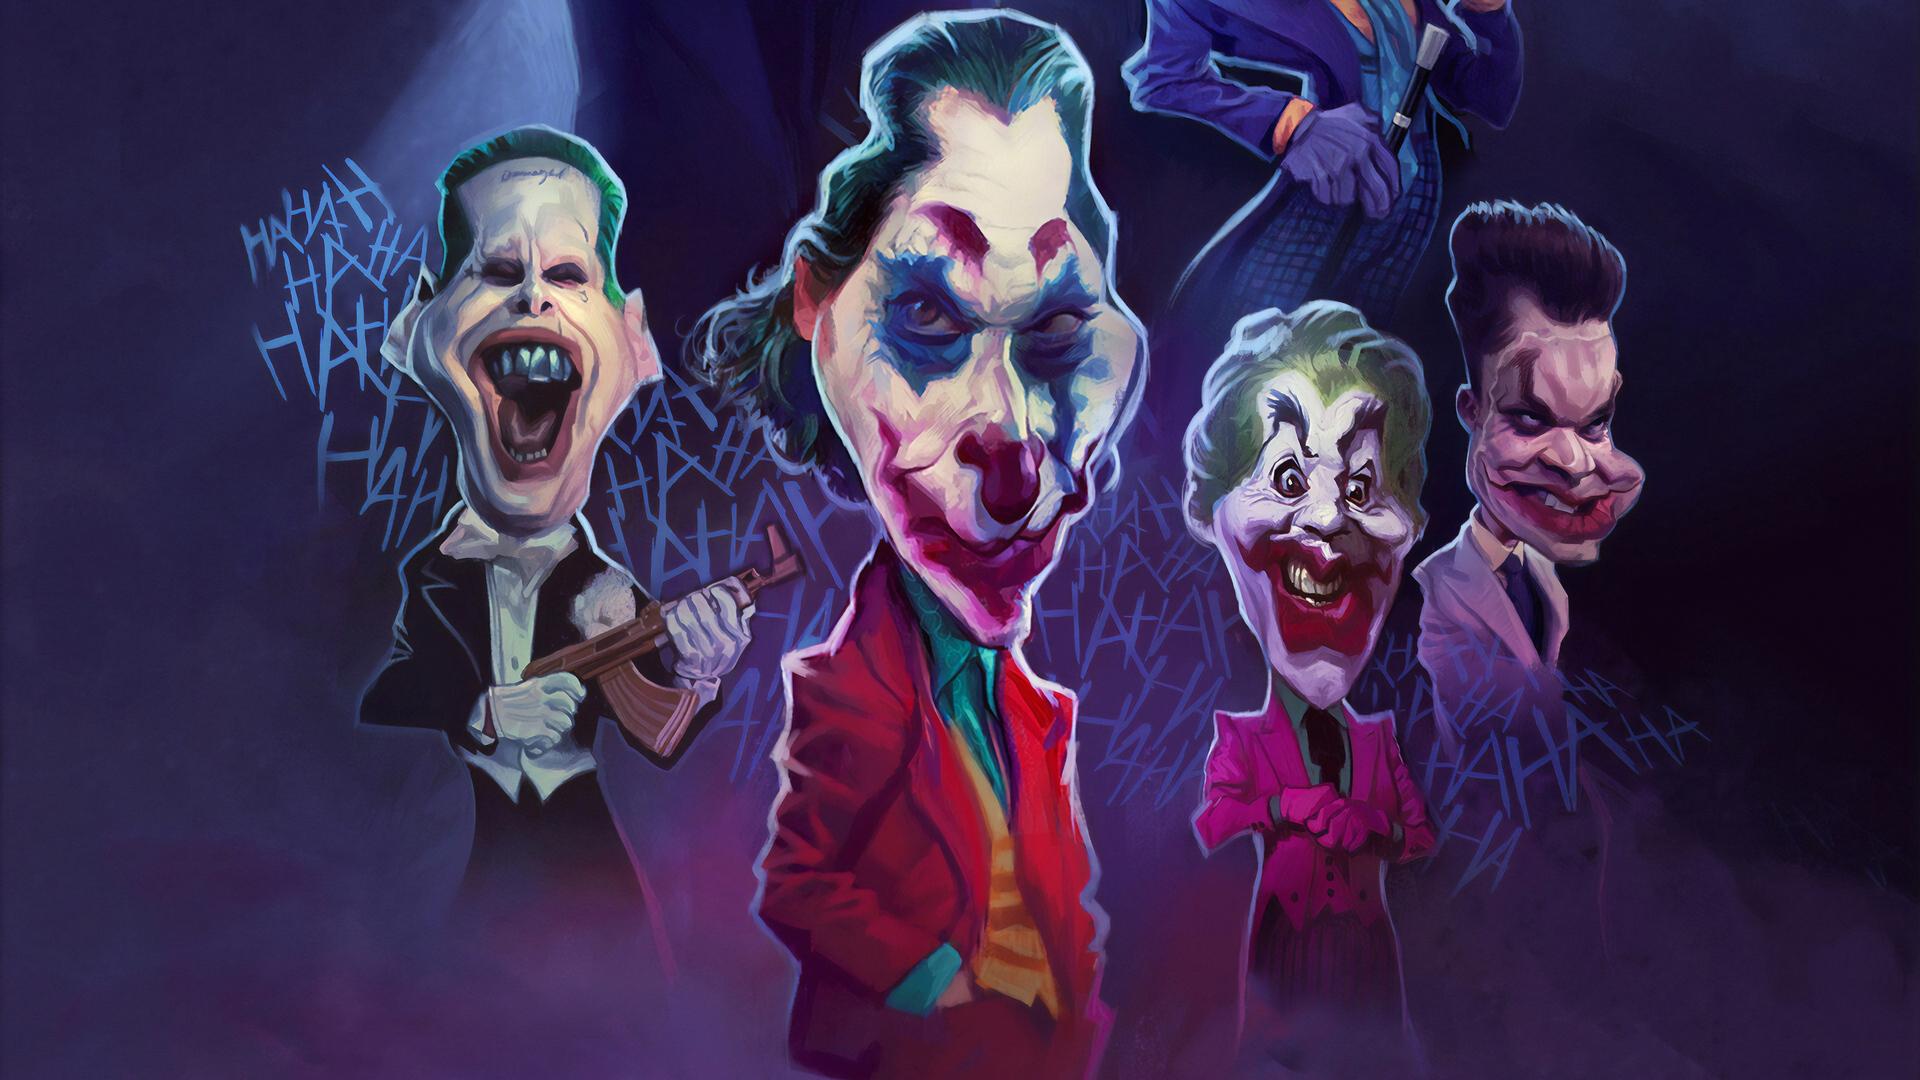 joker-weird-face-art-sn.jpg